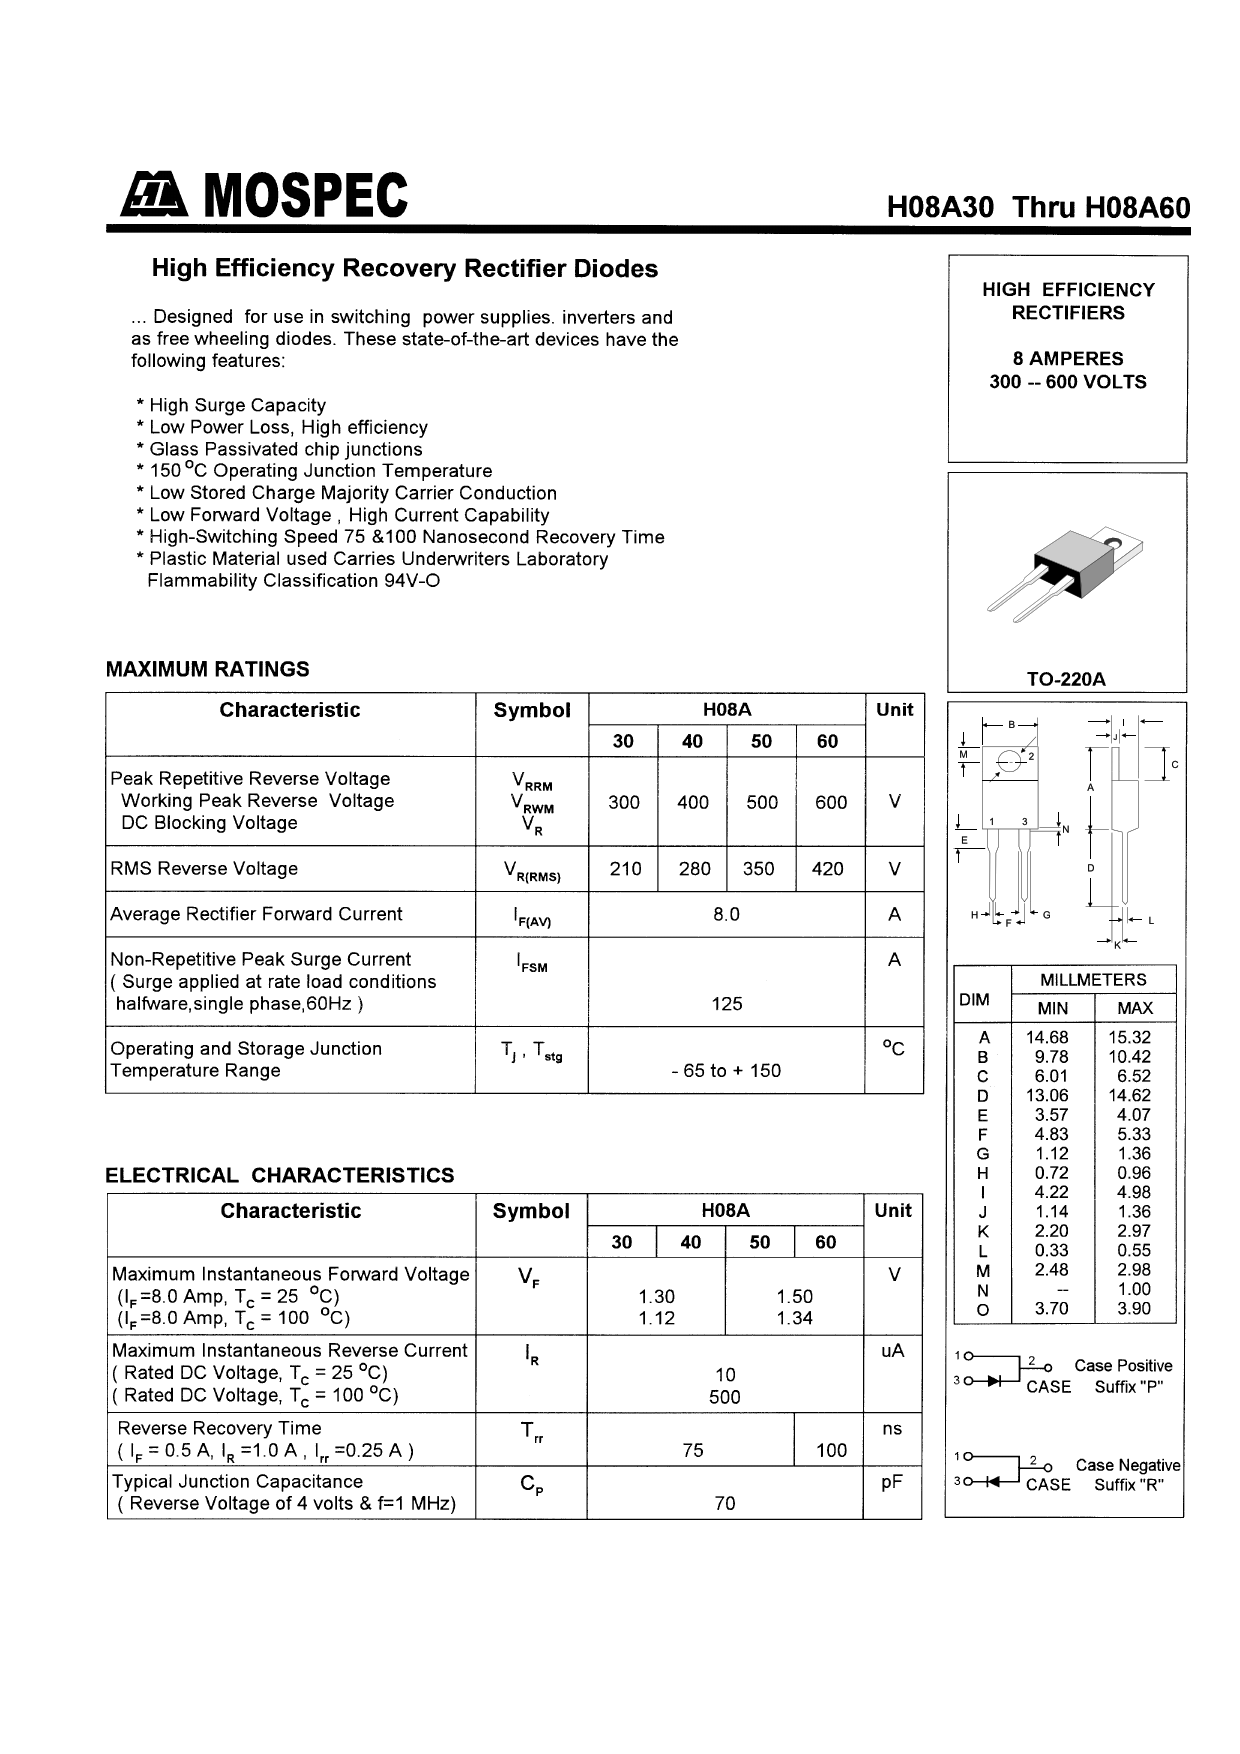 H08A60 datasheet